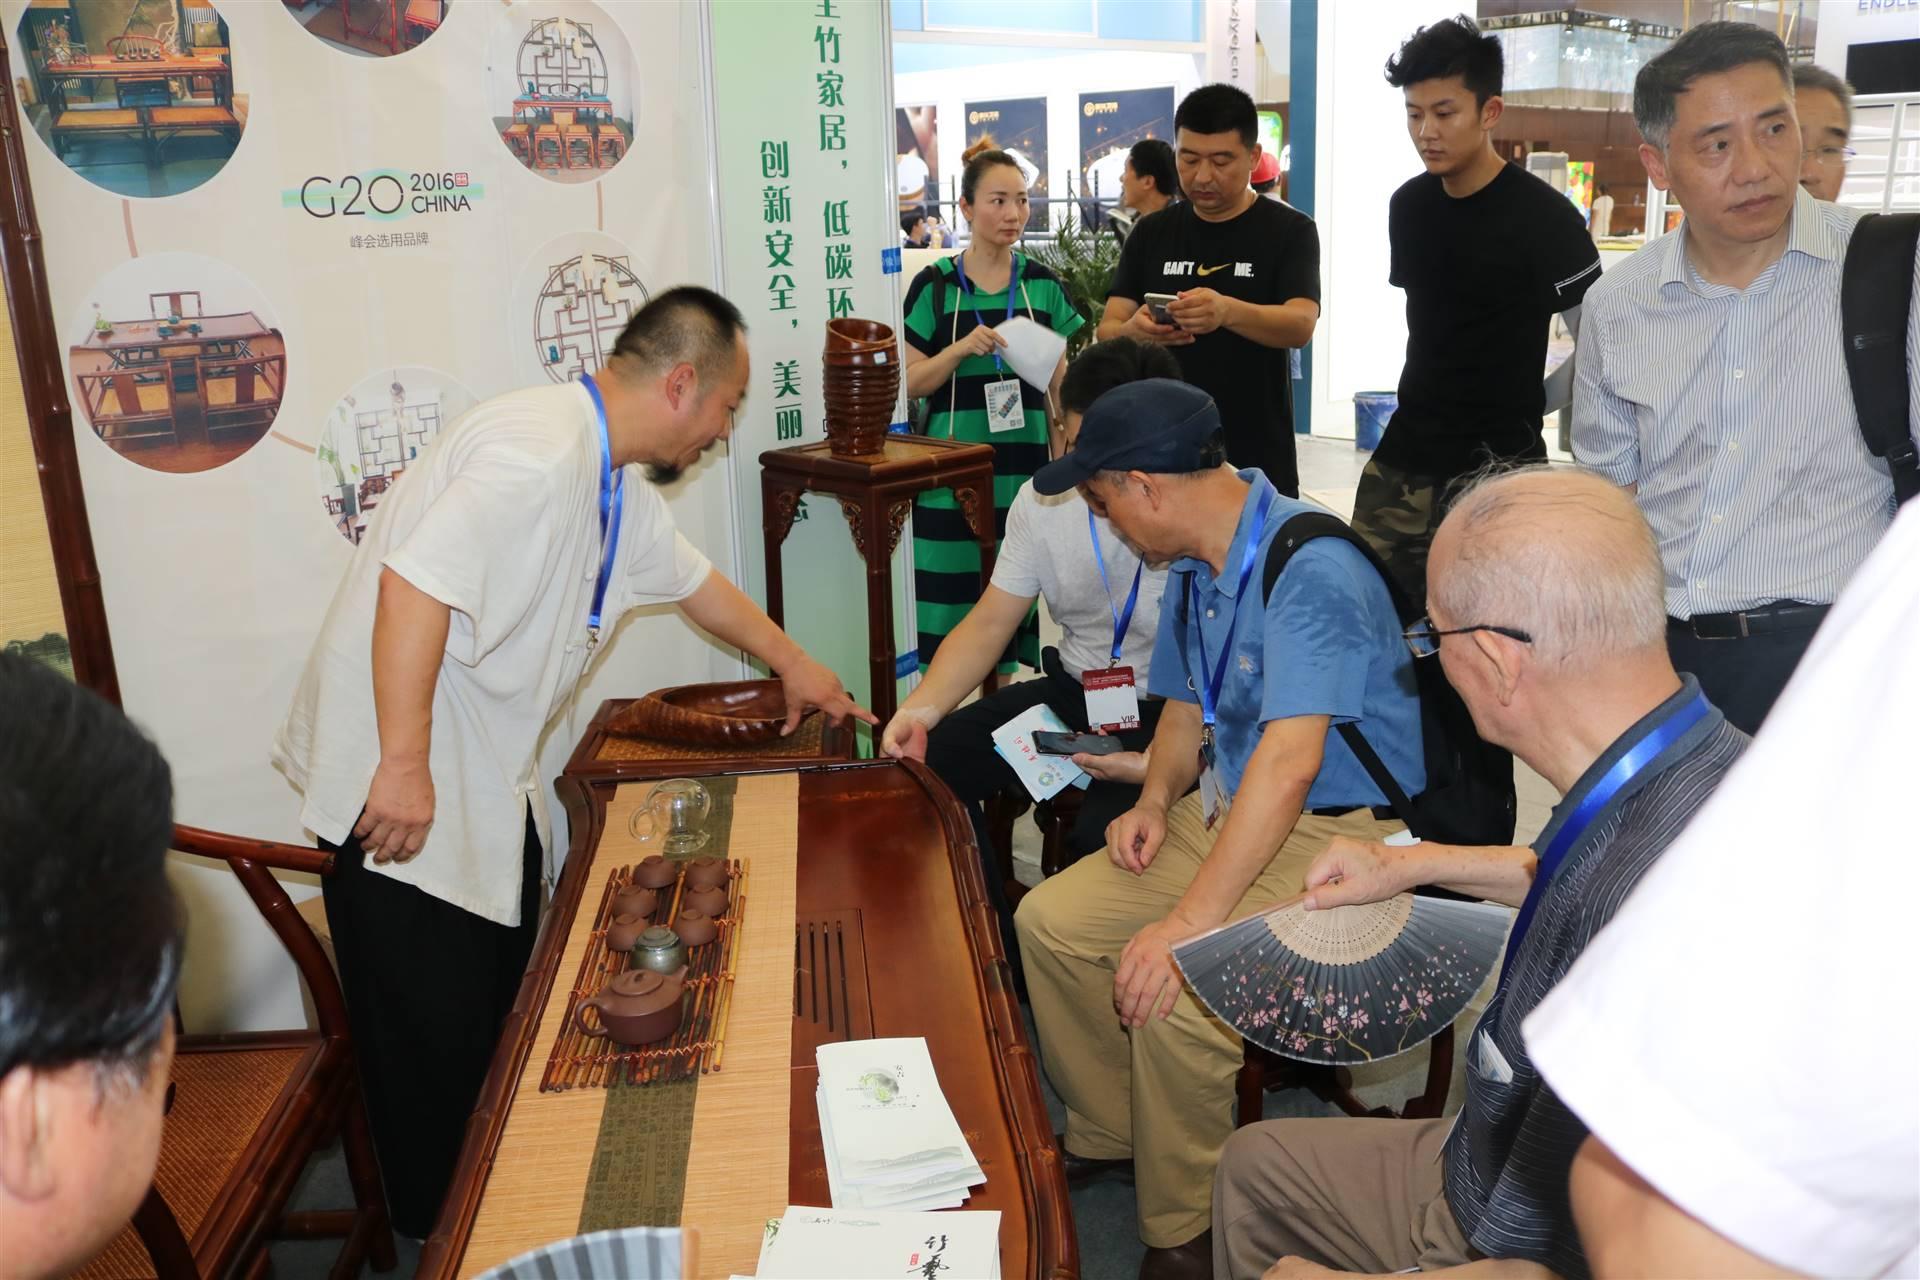 竹博会-2019上海国际竹产业博览会